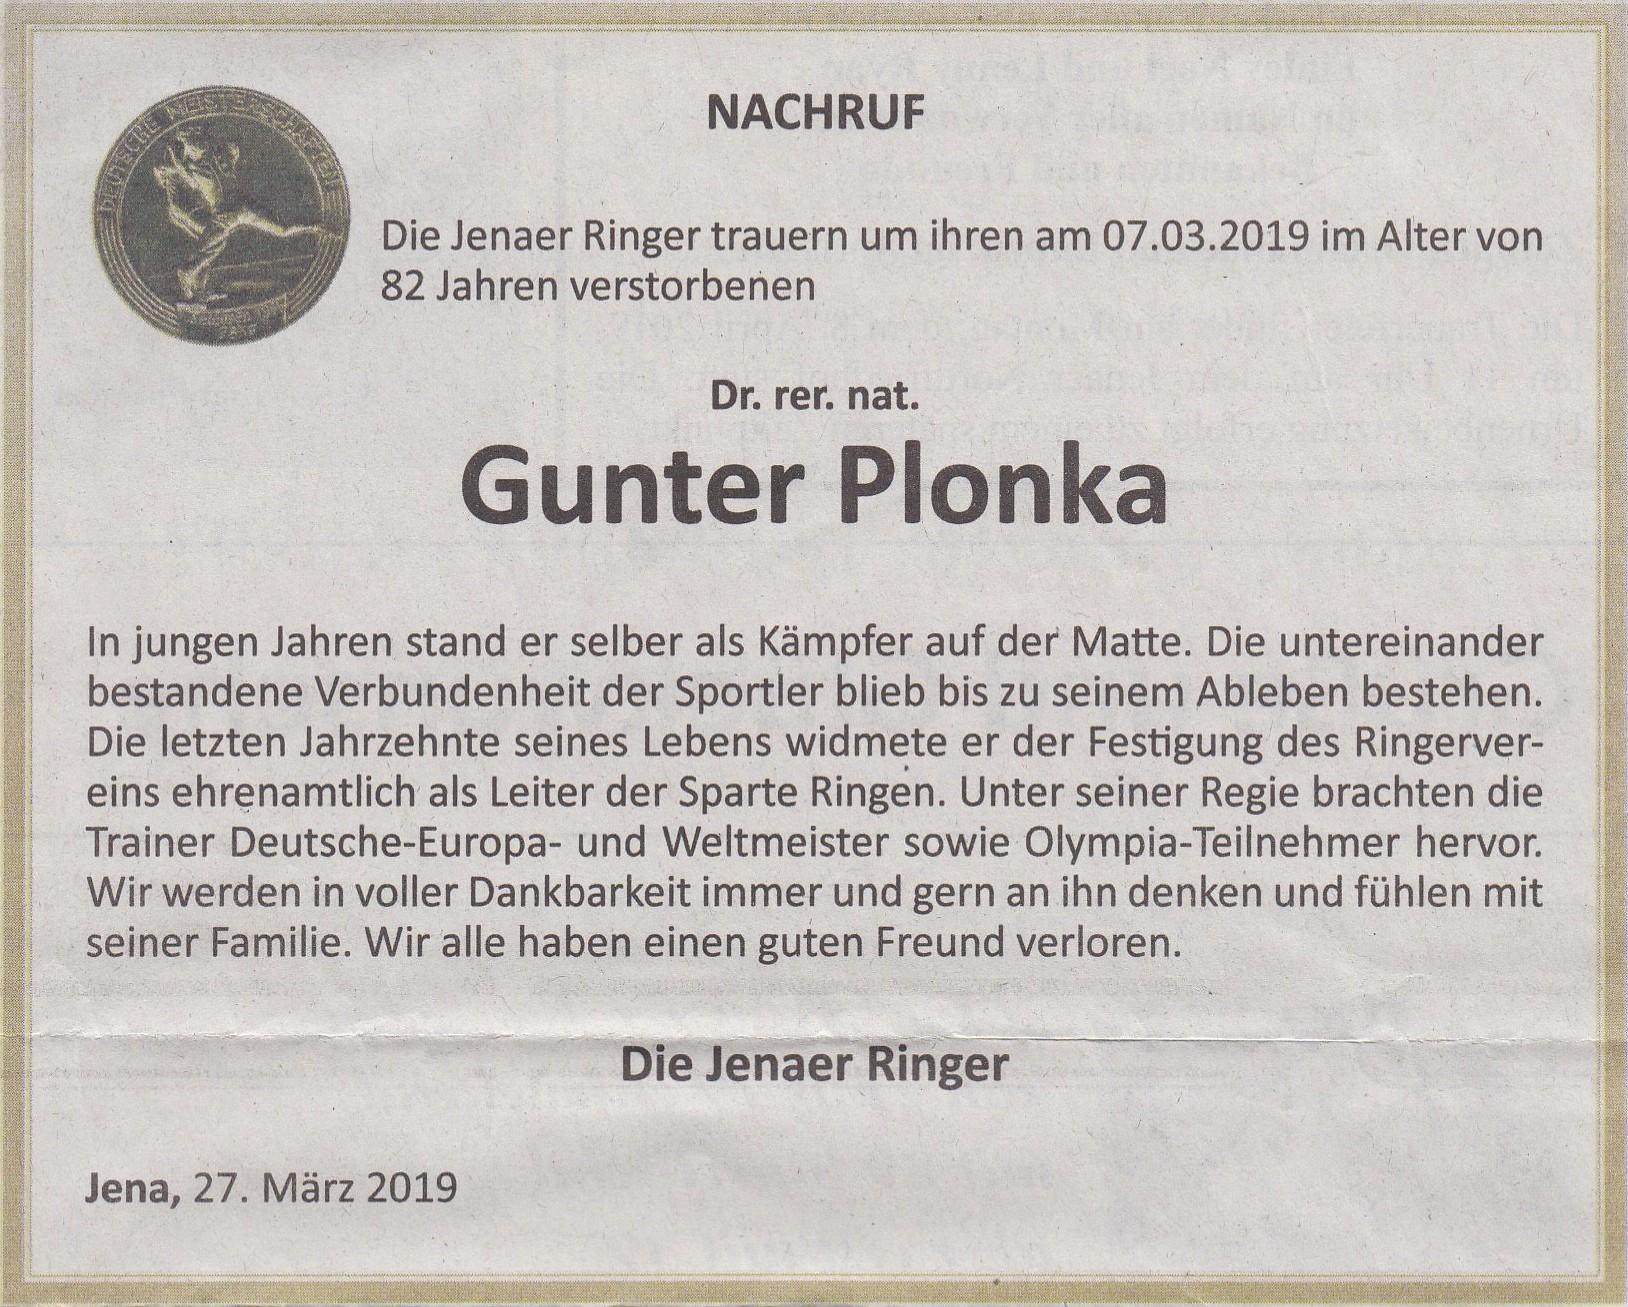 Nachruf für Dr. Gunter Plonka